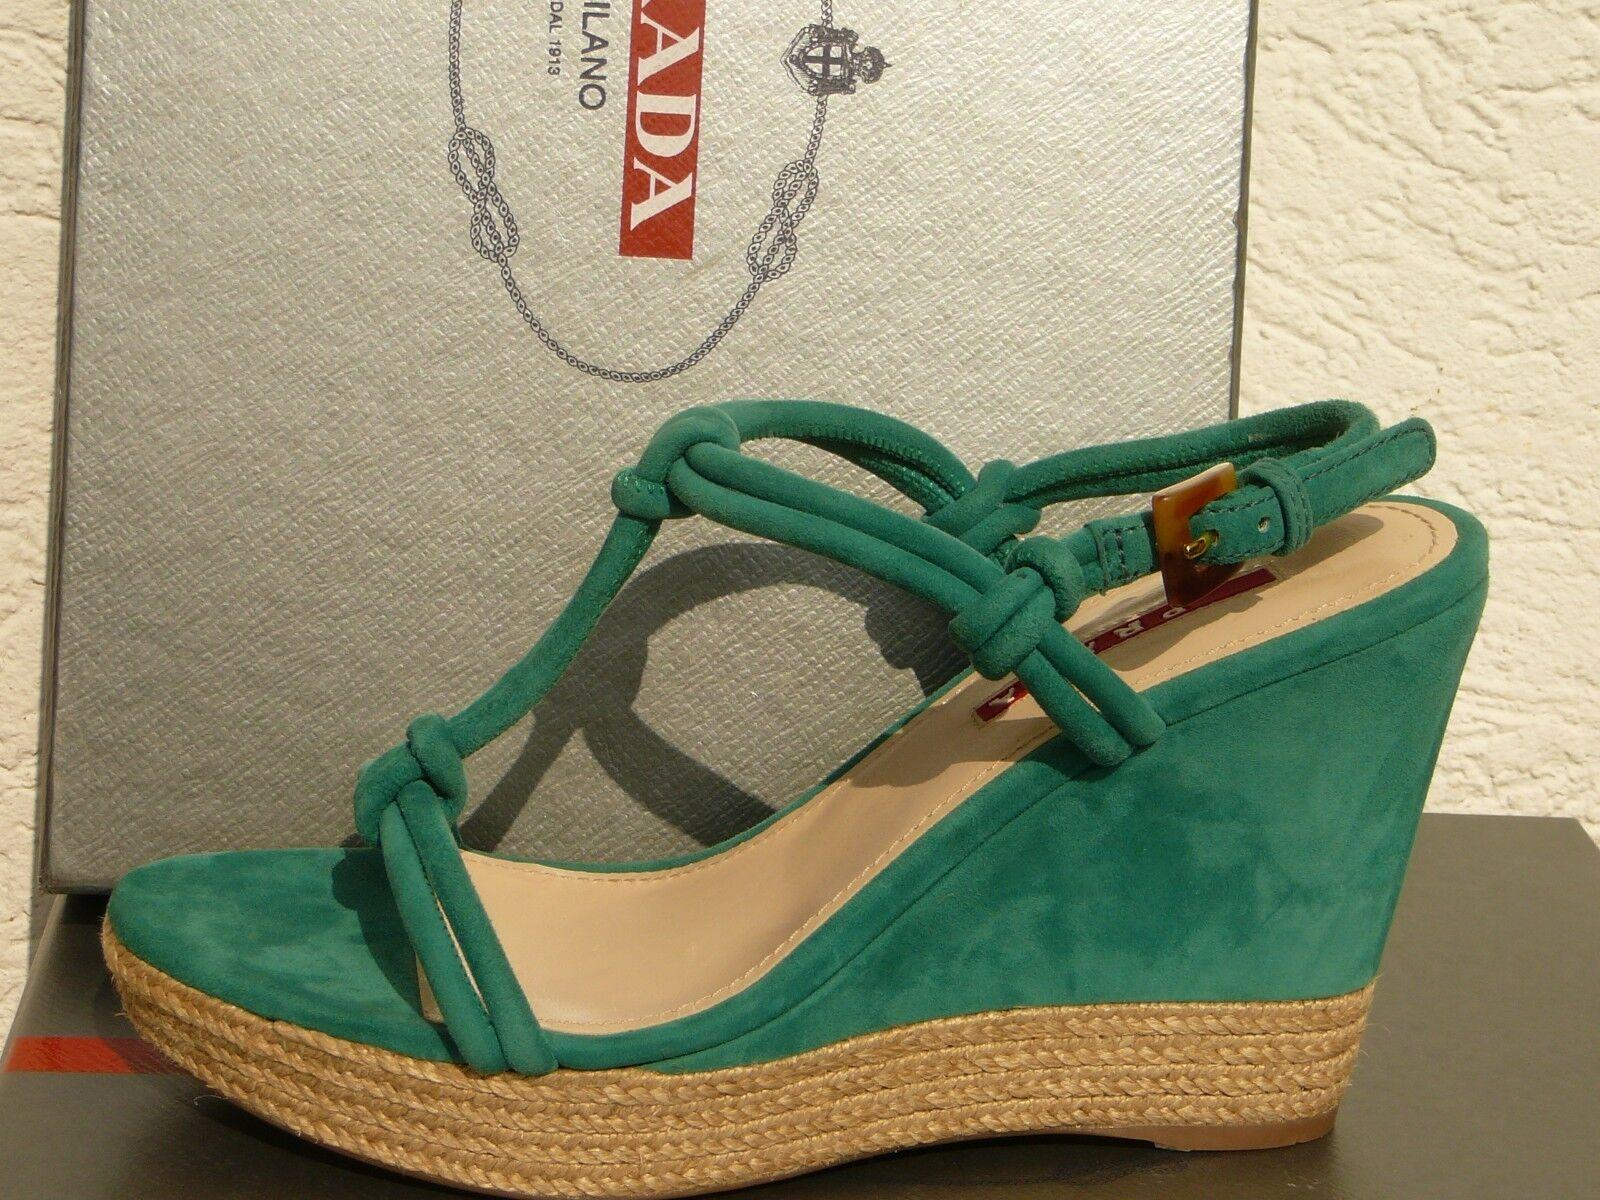 Nuevo En En En Caja zapatos Prada de Coral verde De Gamuza De Cuero Cuerda Tejida plataforma 3xz113 Cuña 837def